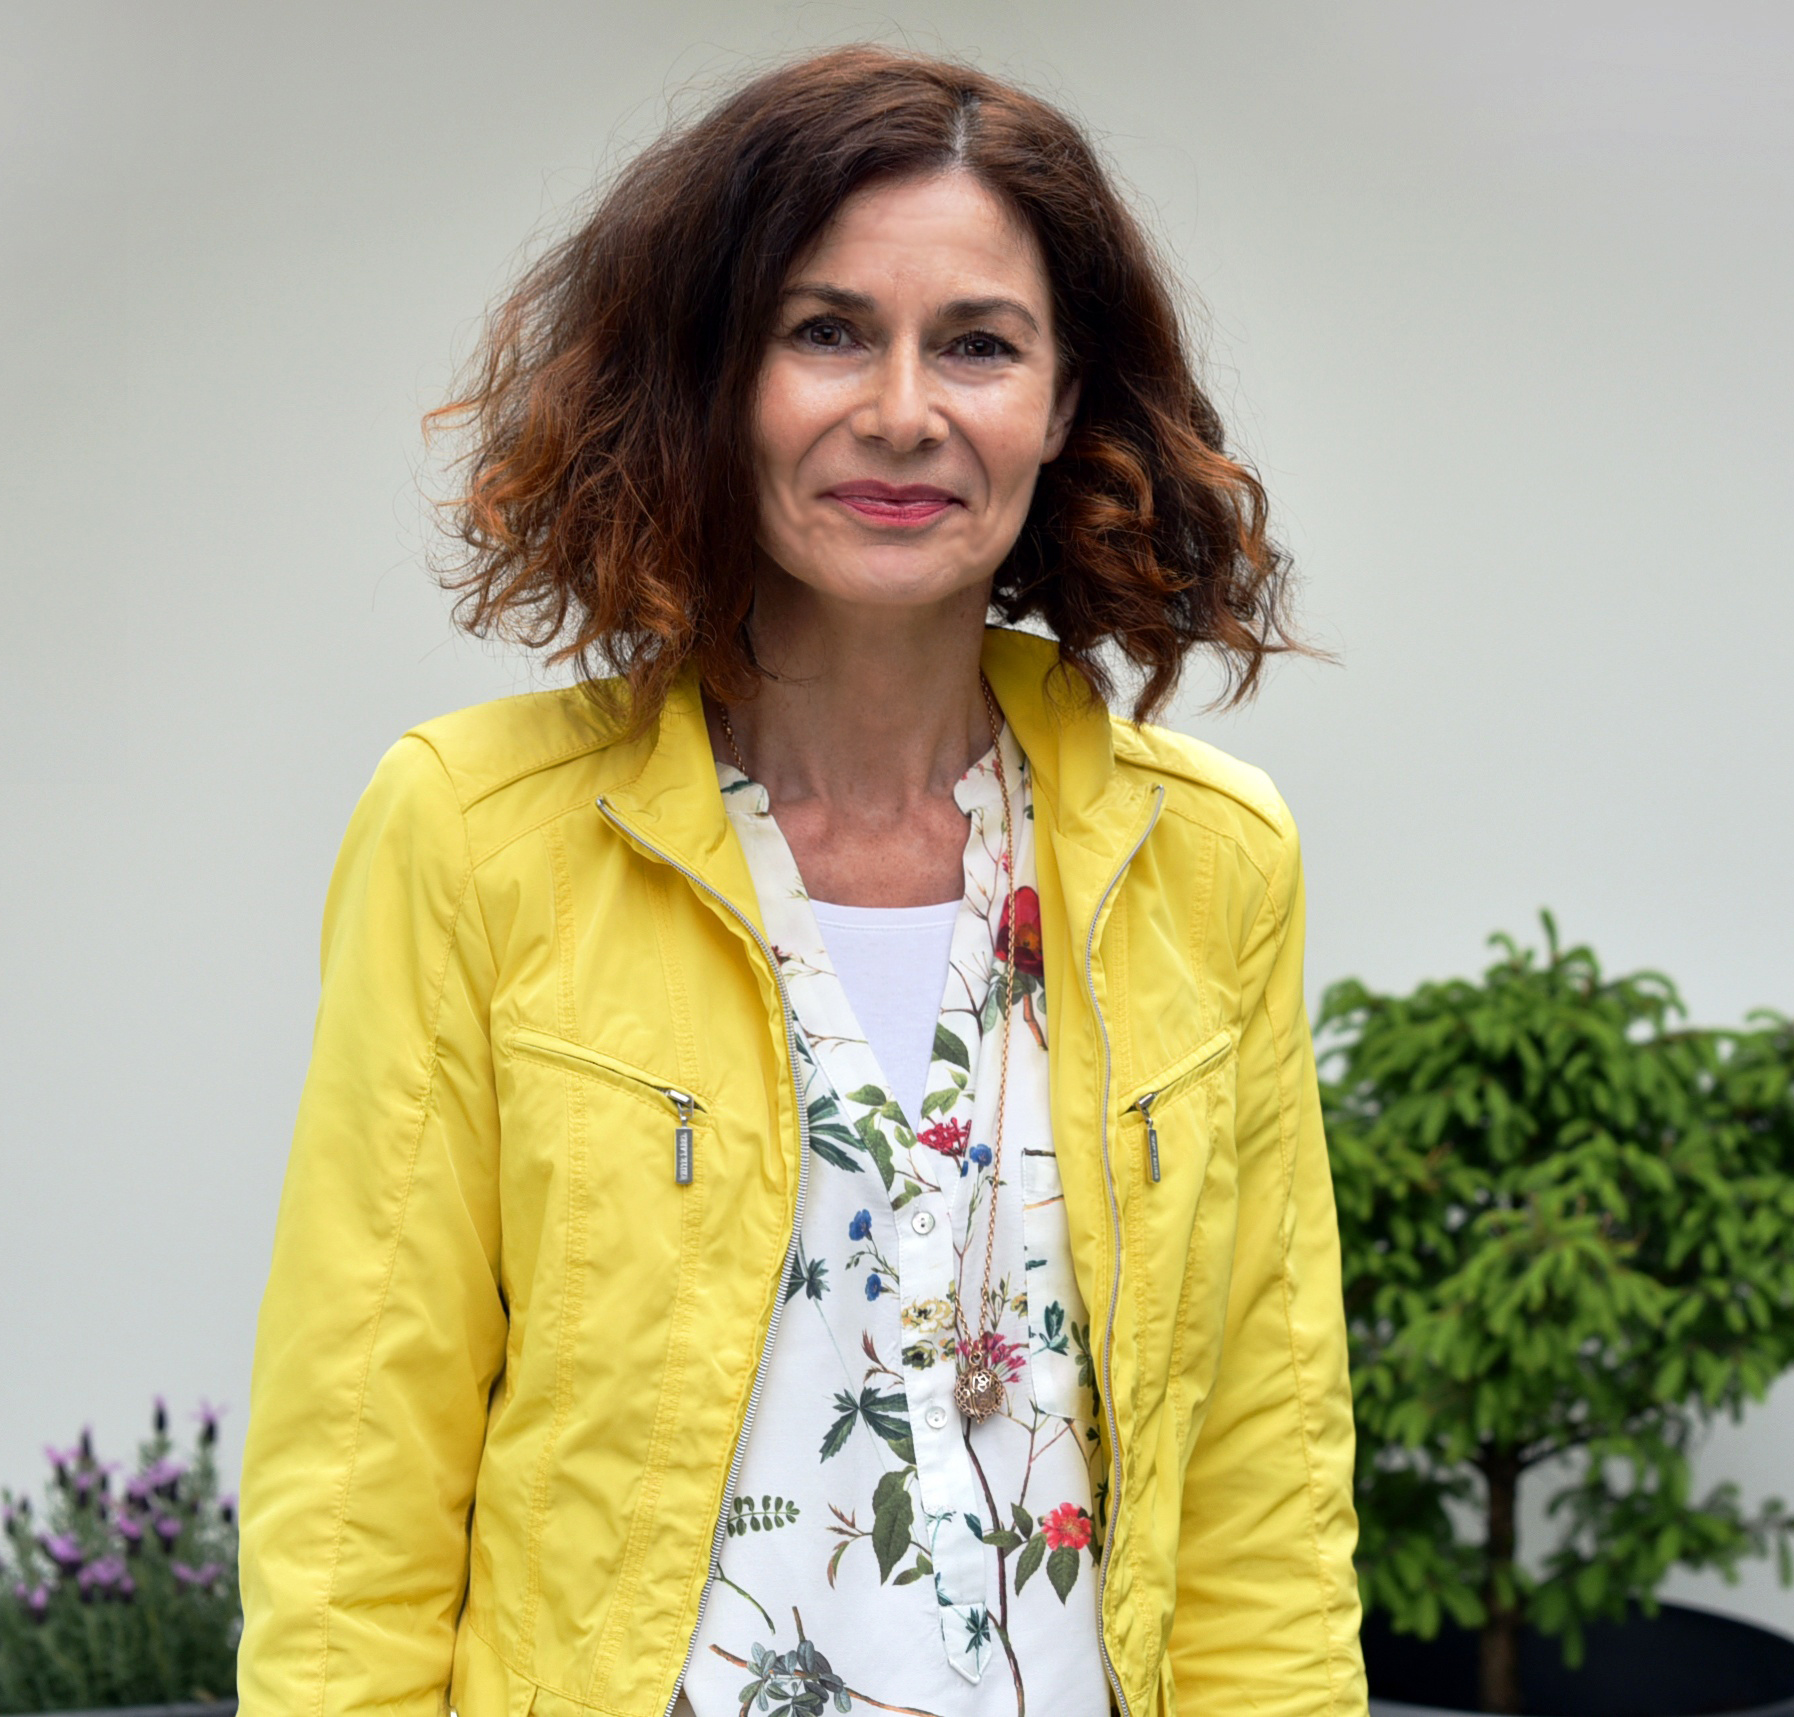 Dorit Schmidt-Purmann